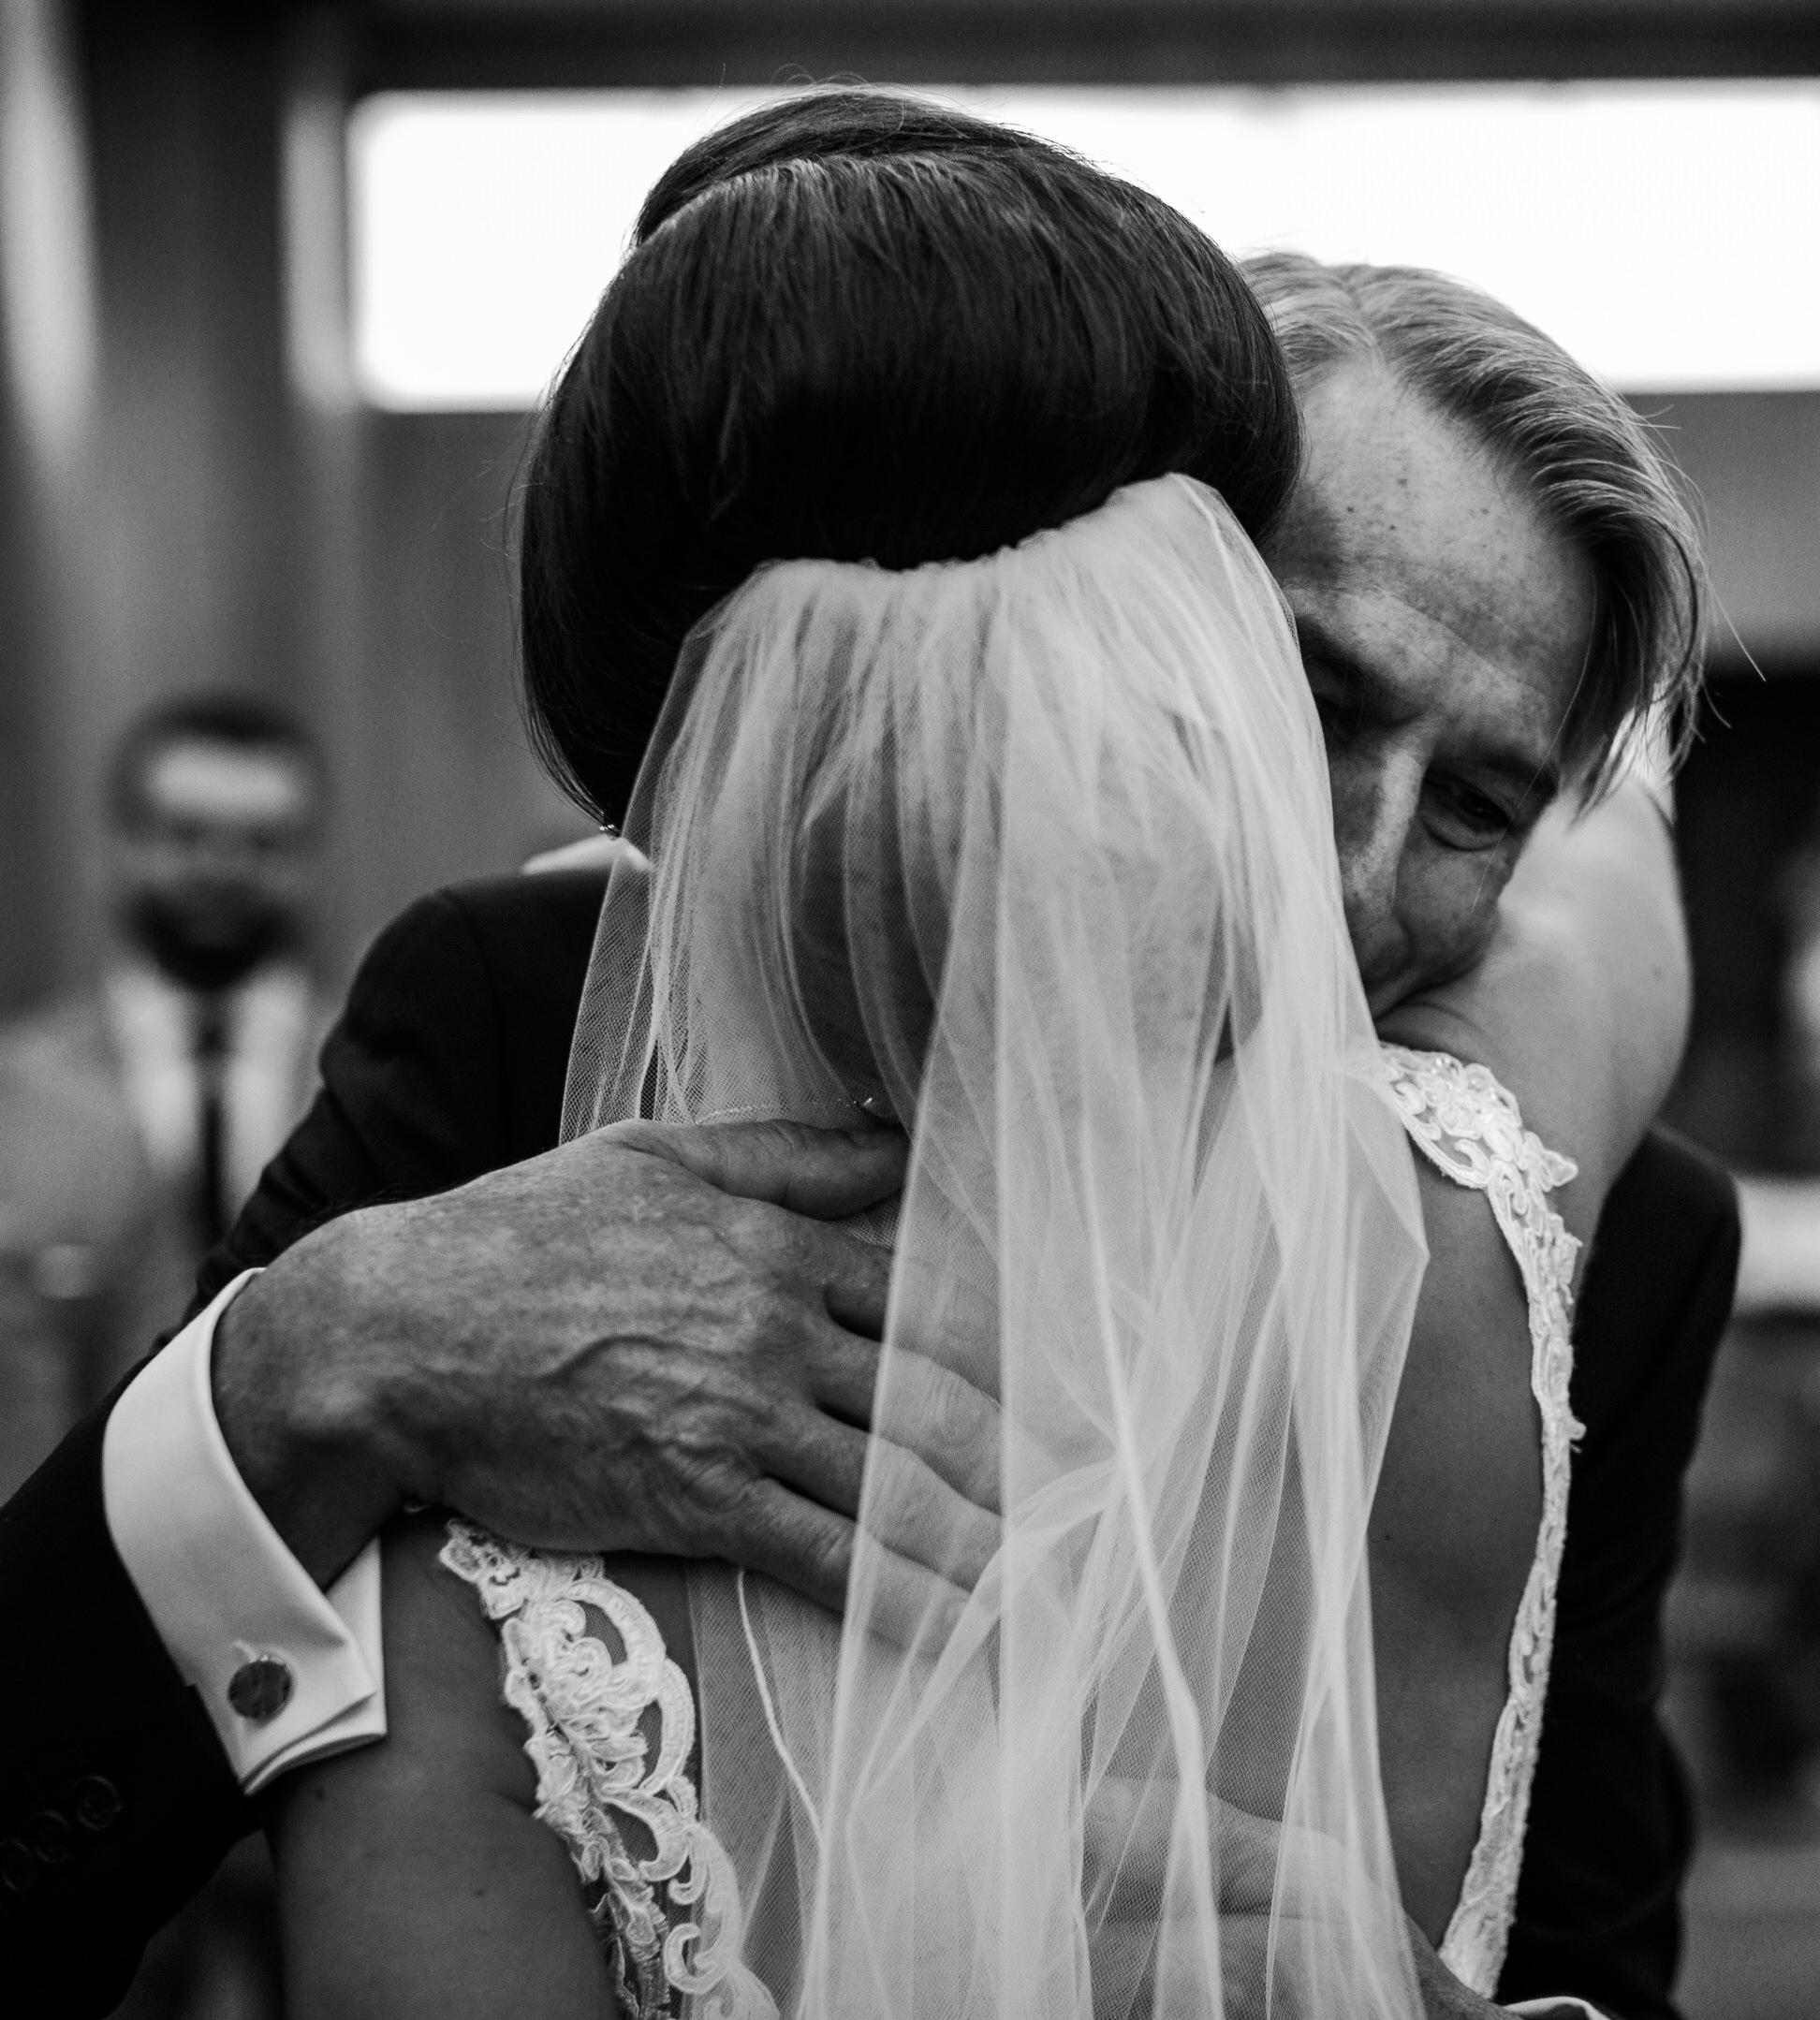 Pitt Meadows Wedding Photographer - Sky Hangar Wedding Photos - Vancouver Wedding Photographer & Videographer - Sunshine Coast Wedding Photos - Sunshine Coast Wedding Photographer - Jennifer Picard Photography - 1A5A0854.jpg